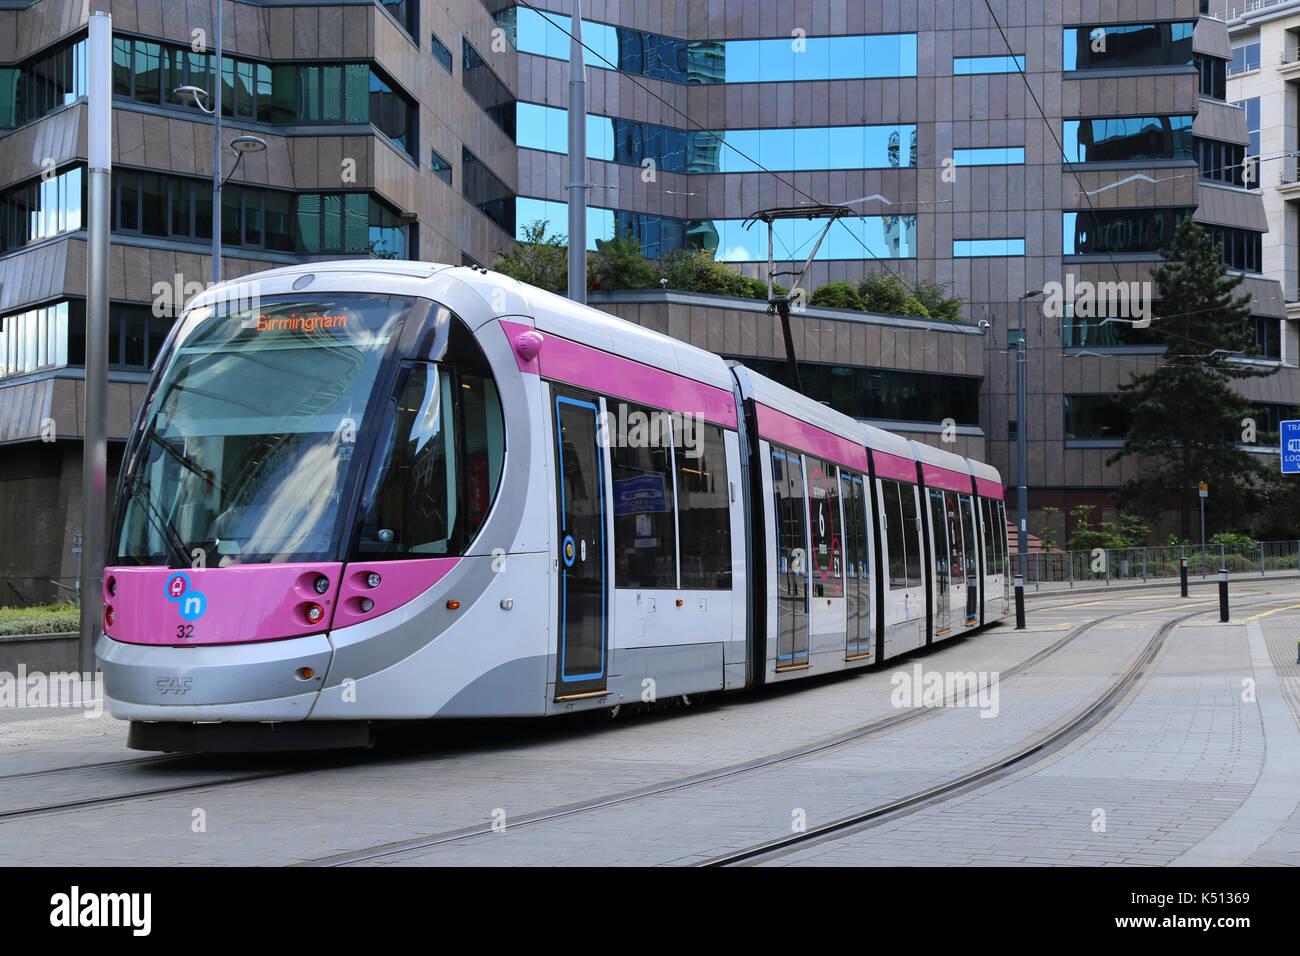 Midland Metro Straßenbahn anreisen im Zentrum von Birmingham, West Midlands, UK. Stockbild